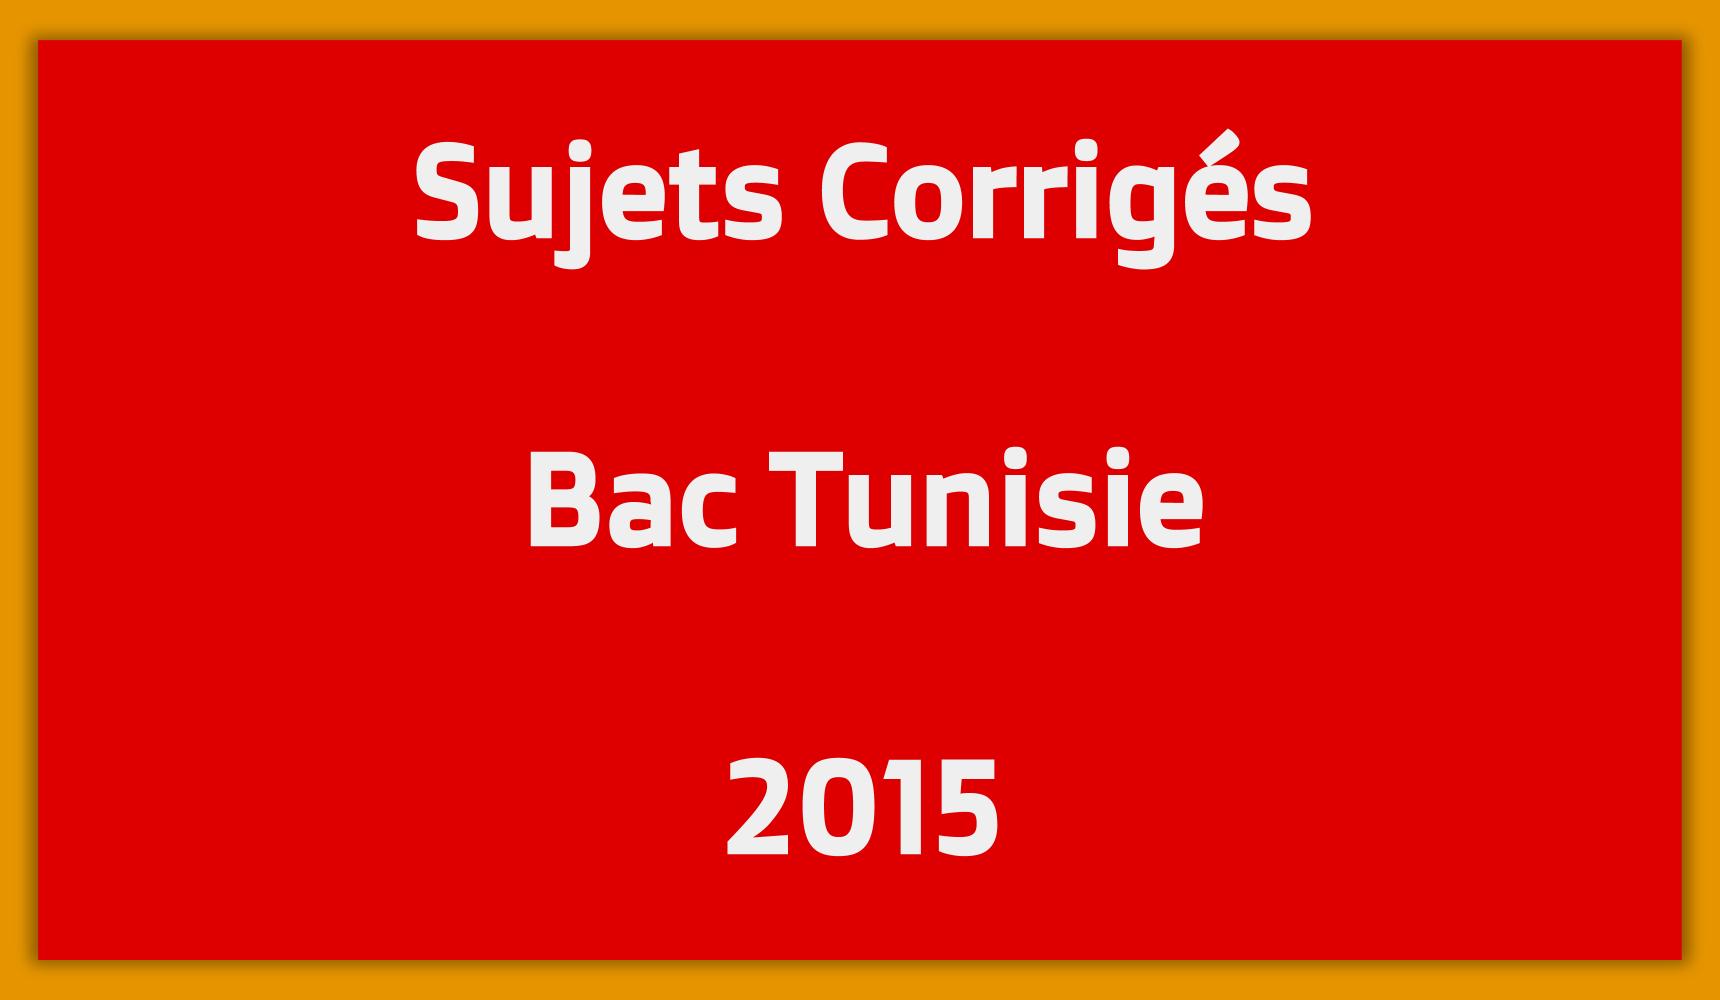 Sujets Corrigés Bac Tunisie 2015